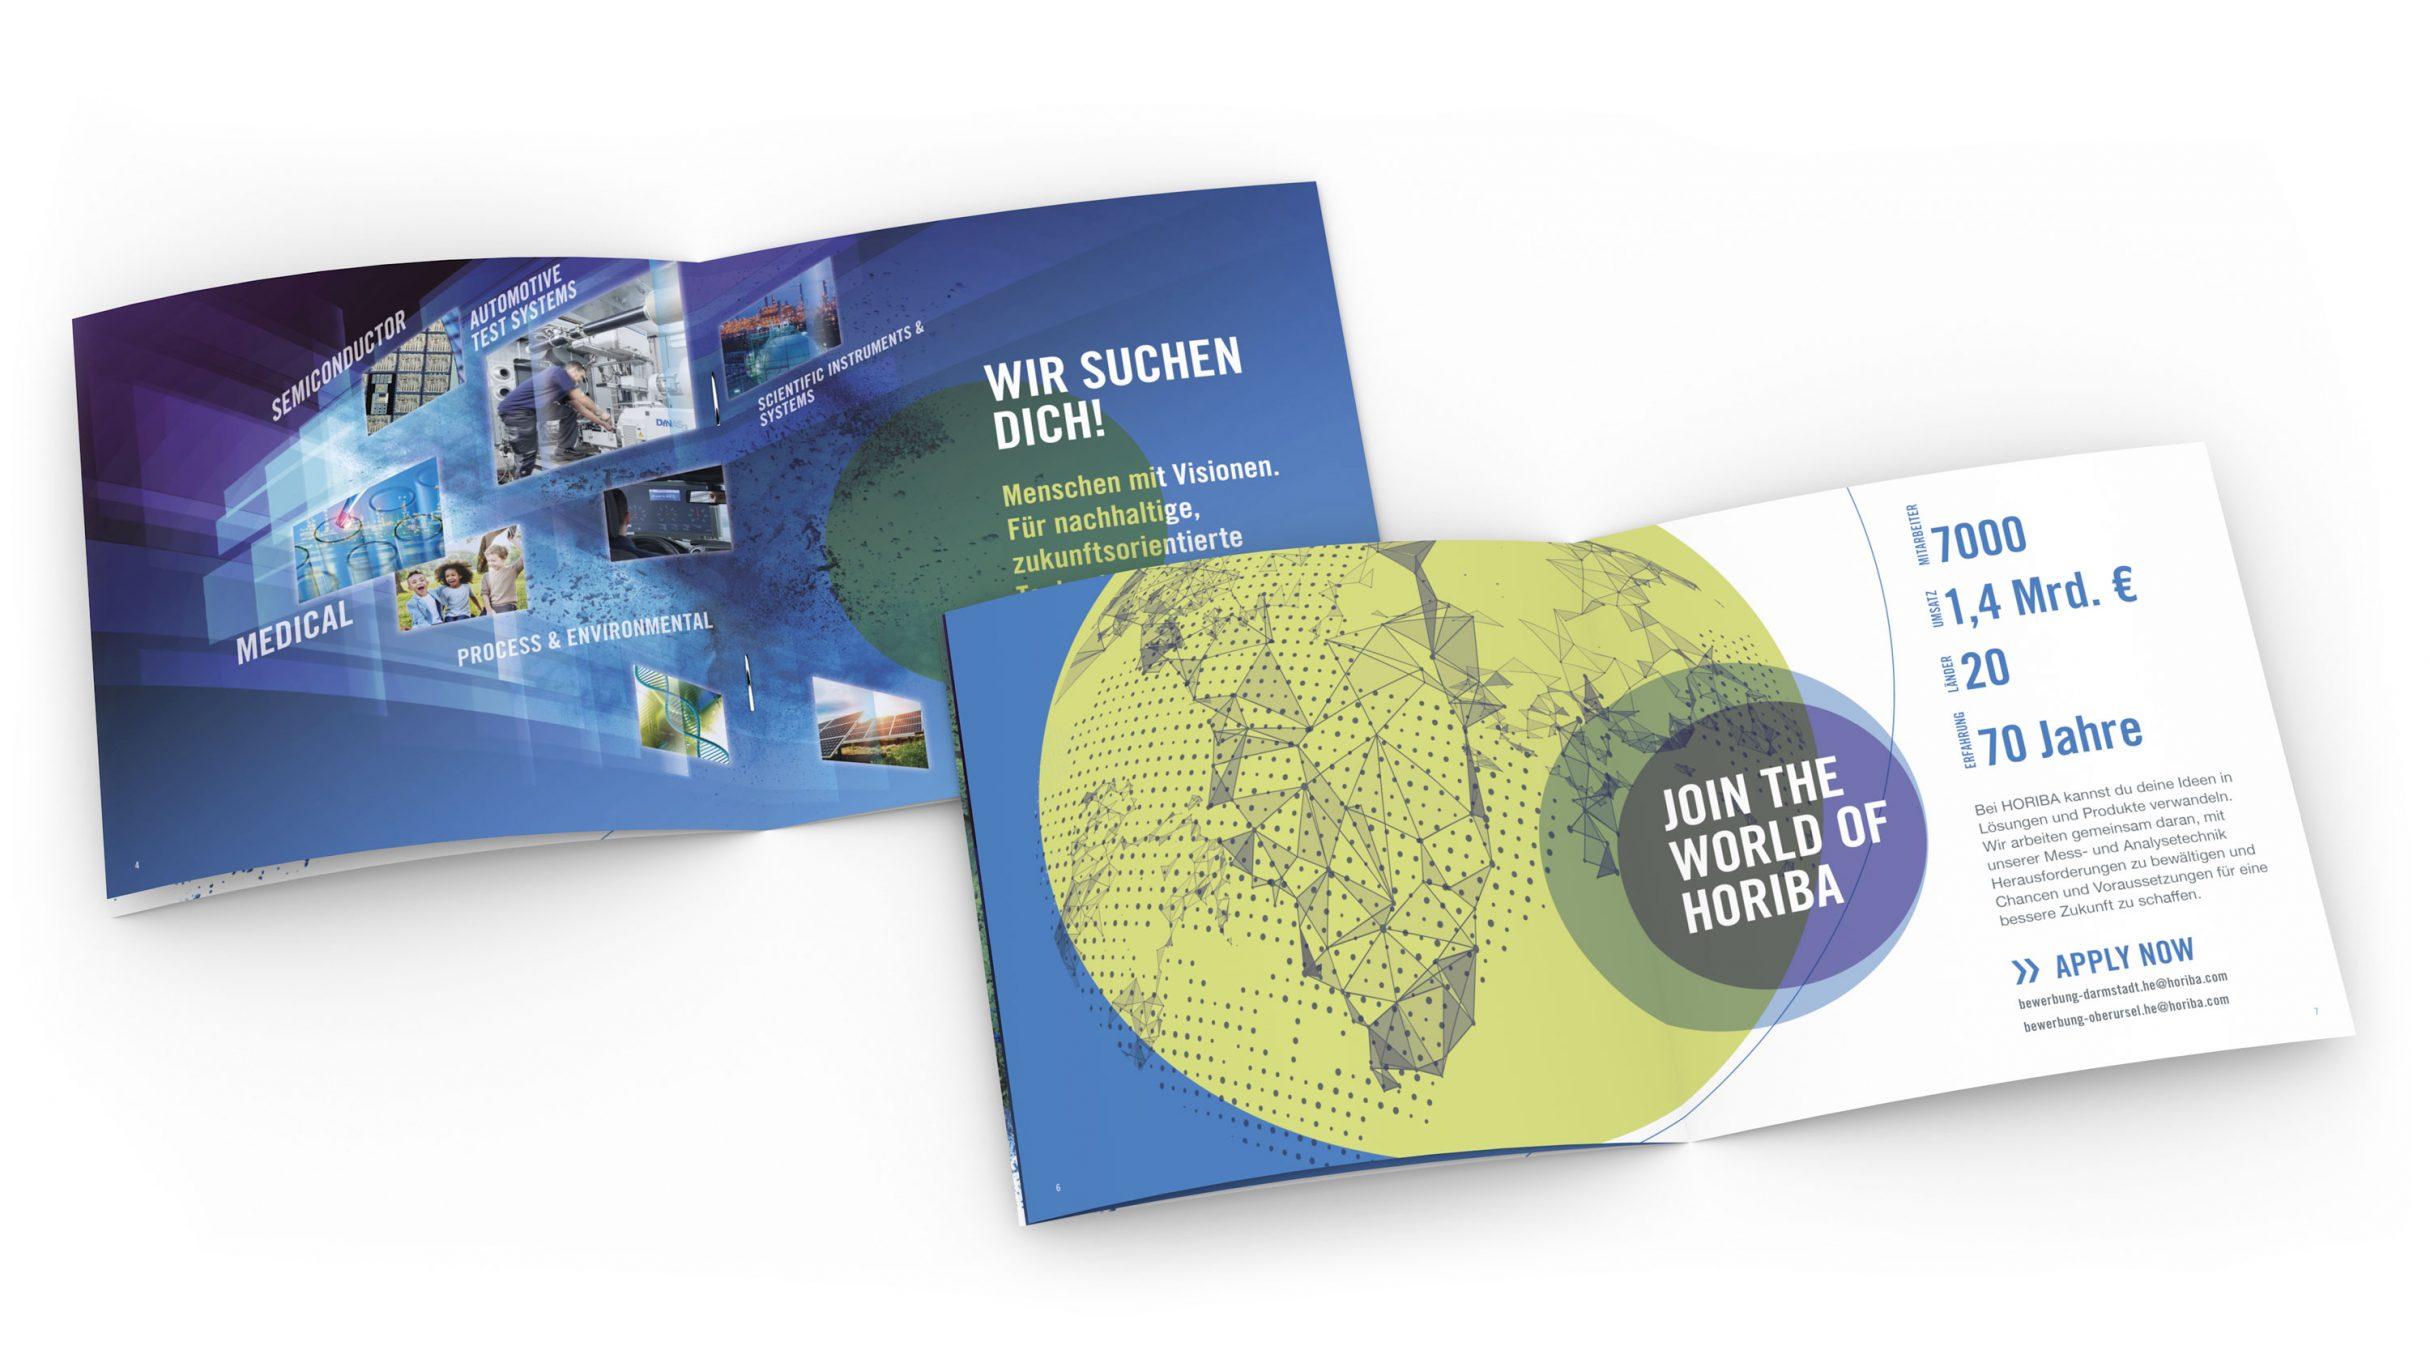 Recruiting Broschüre für HORIBA: DIE NEUDENKER® Agentur, Darmstadt